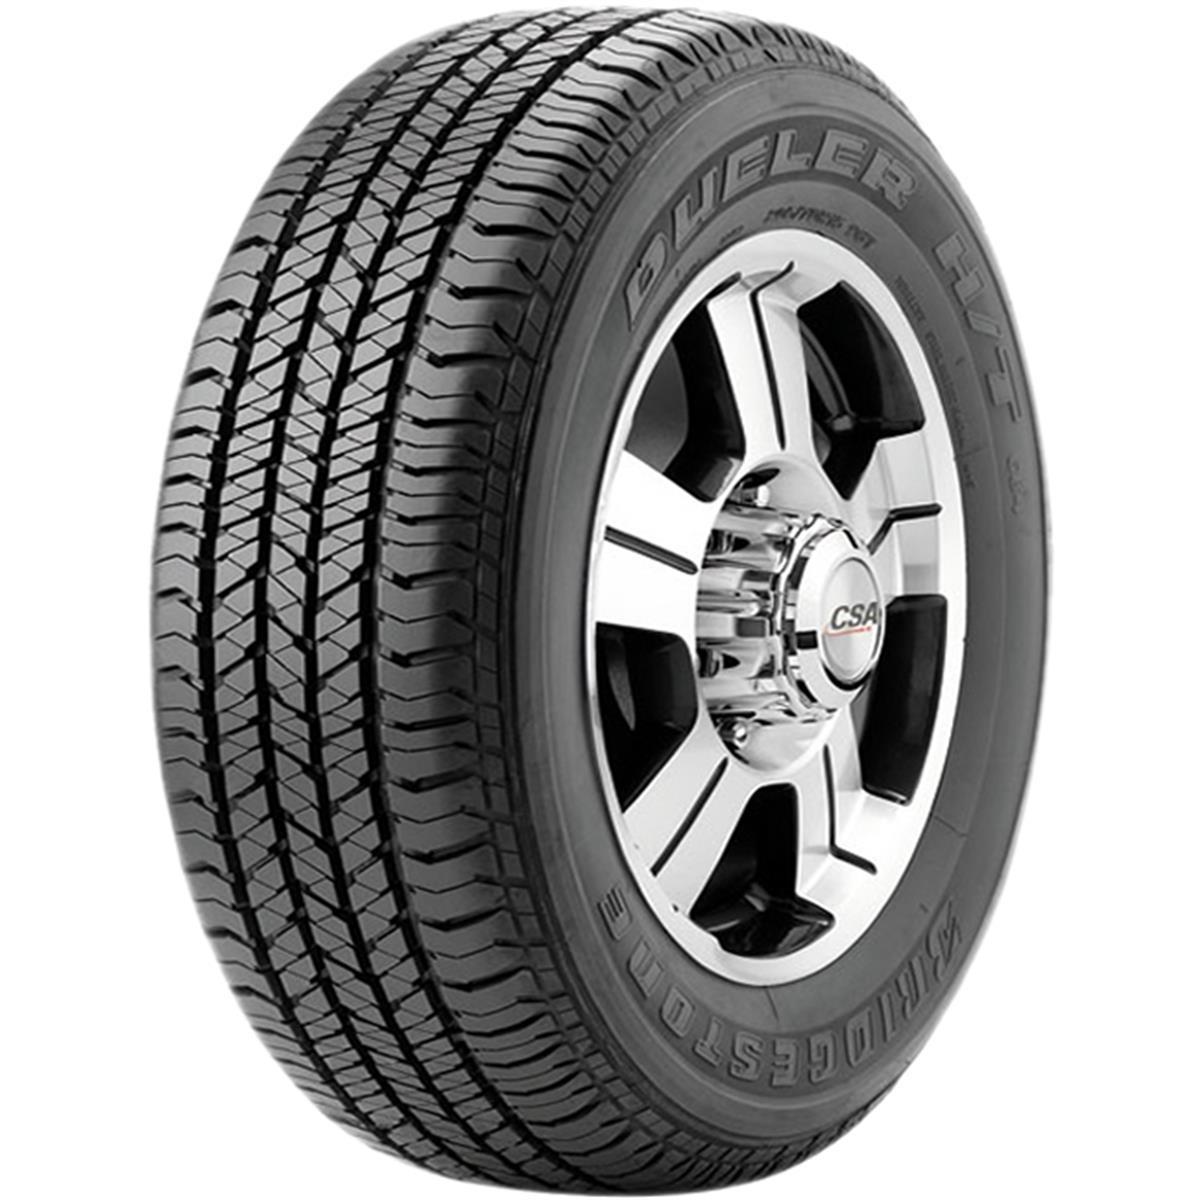 Pneu Bridgestone Dueler H/T 684 II 245/70 R16 111T - Cantele Centro Automotivo